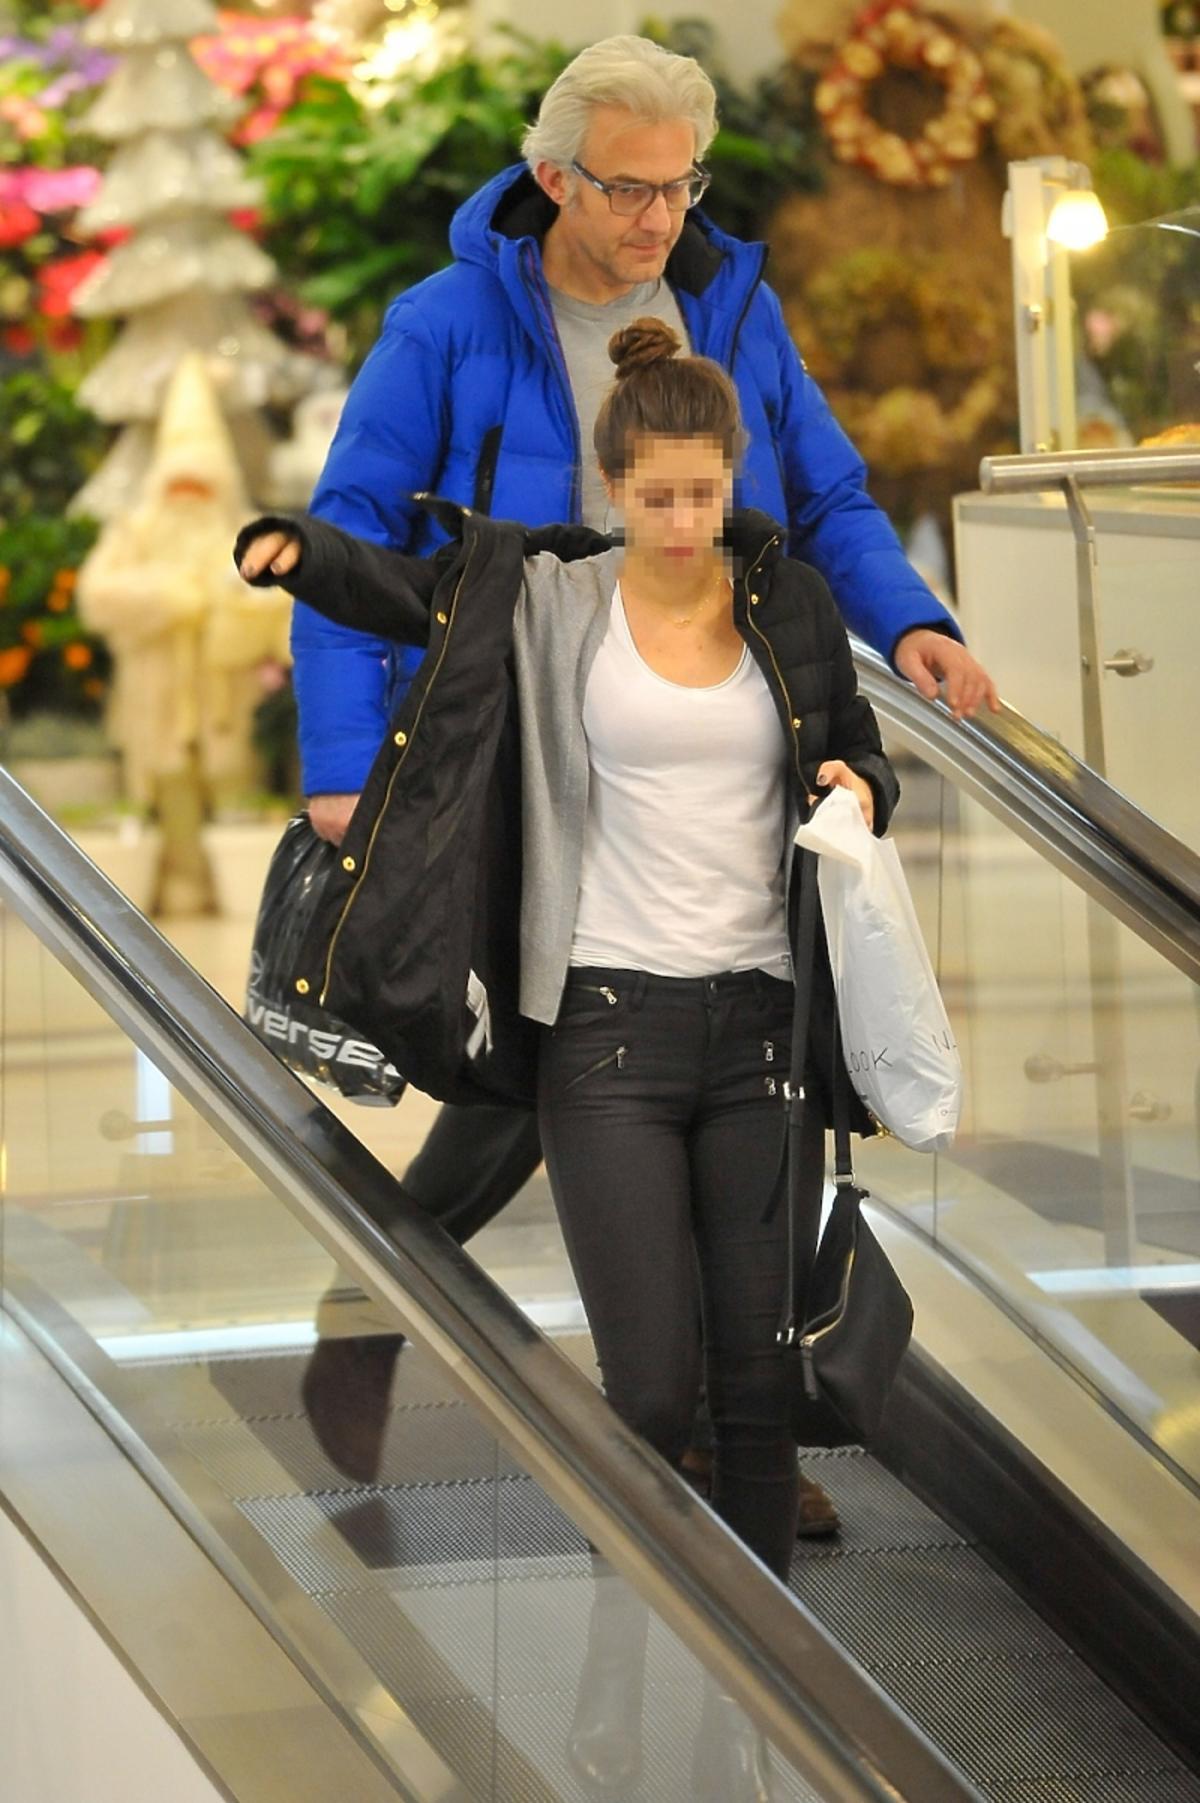 Hubert Urbański w niebieskiej kurtce na zakupach z córką